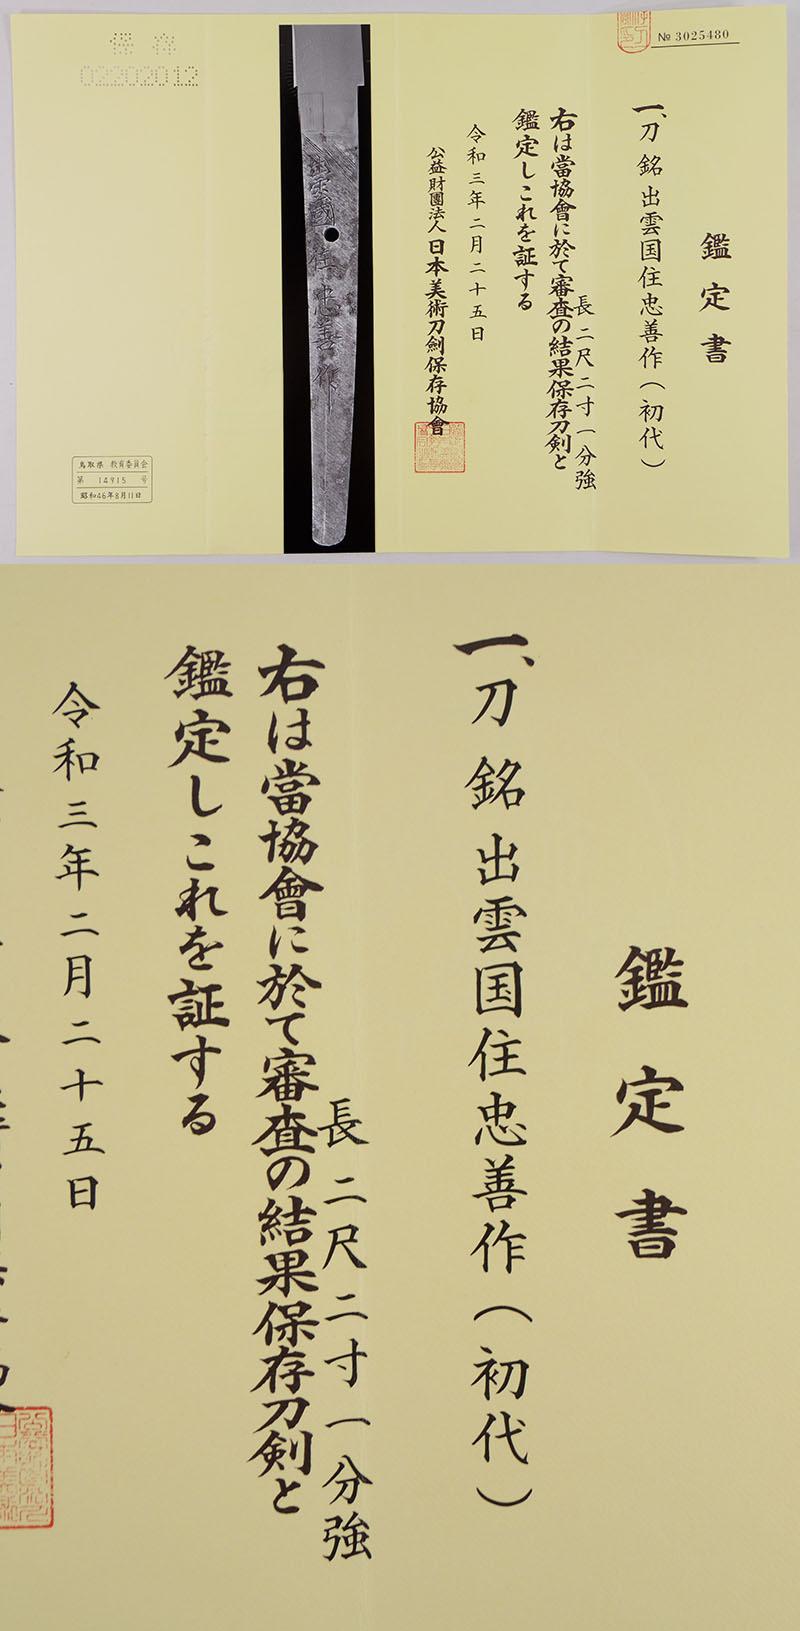 刀 出雲国住忠善作(初代)(無鑑査刀匠)(島根県無形文化財)(軍刀拵入り) Picture of Certificate